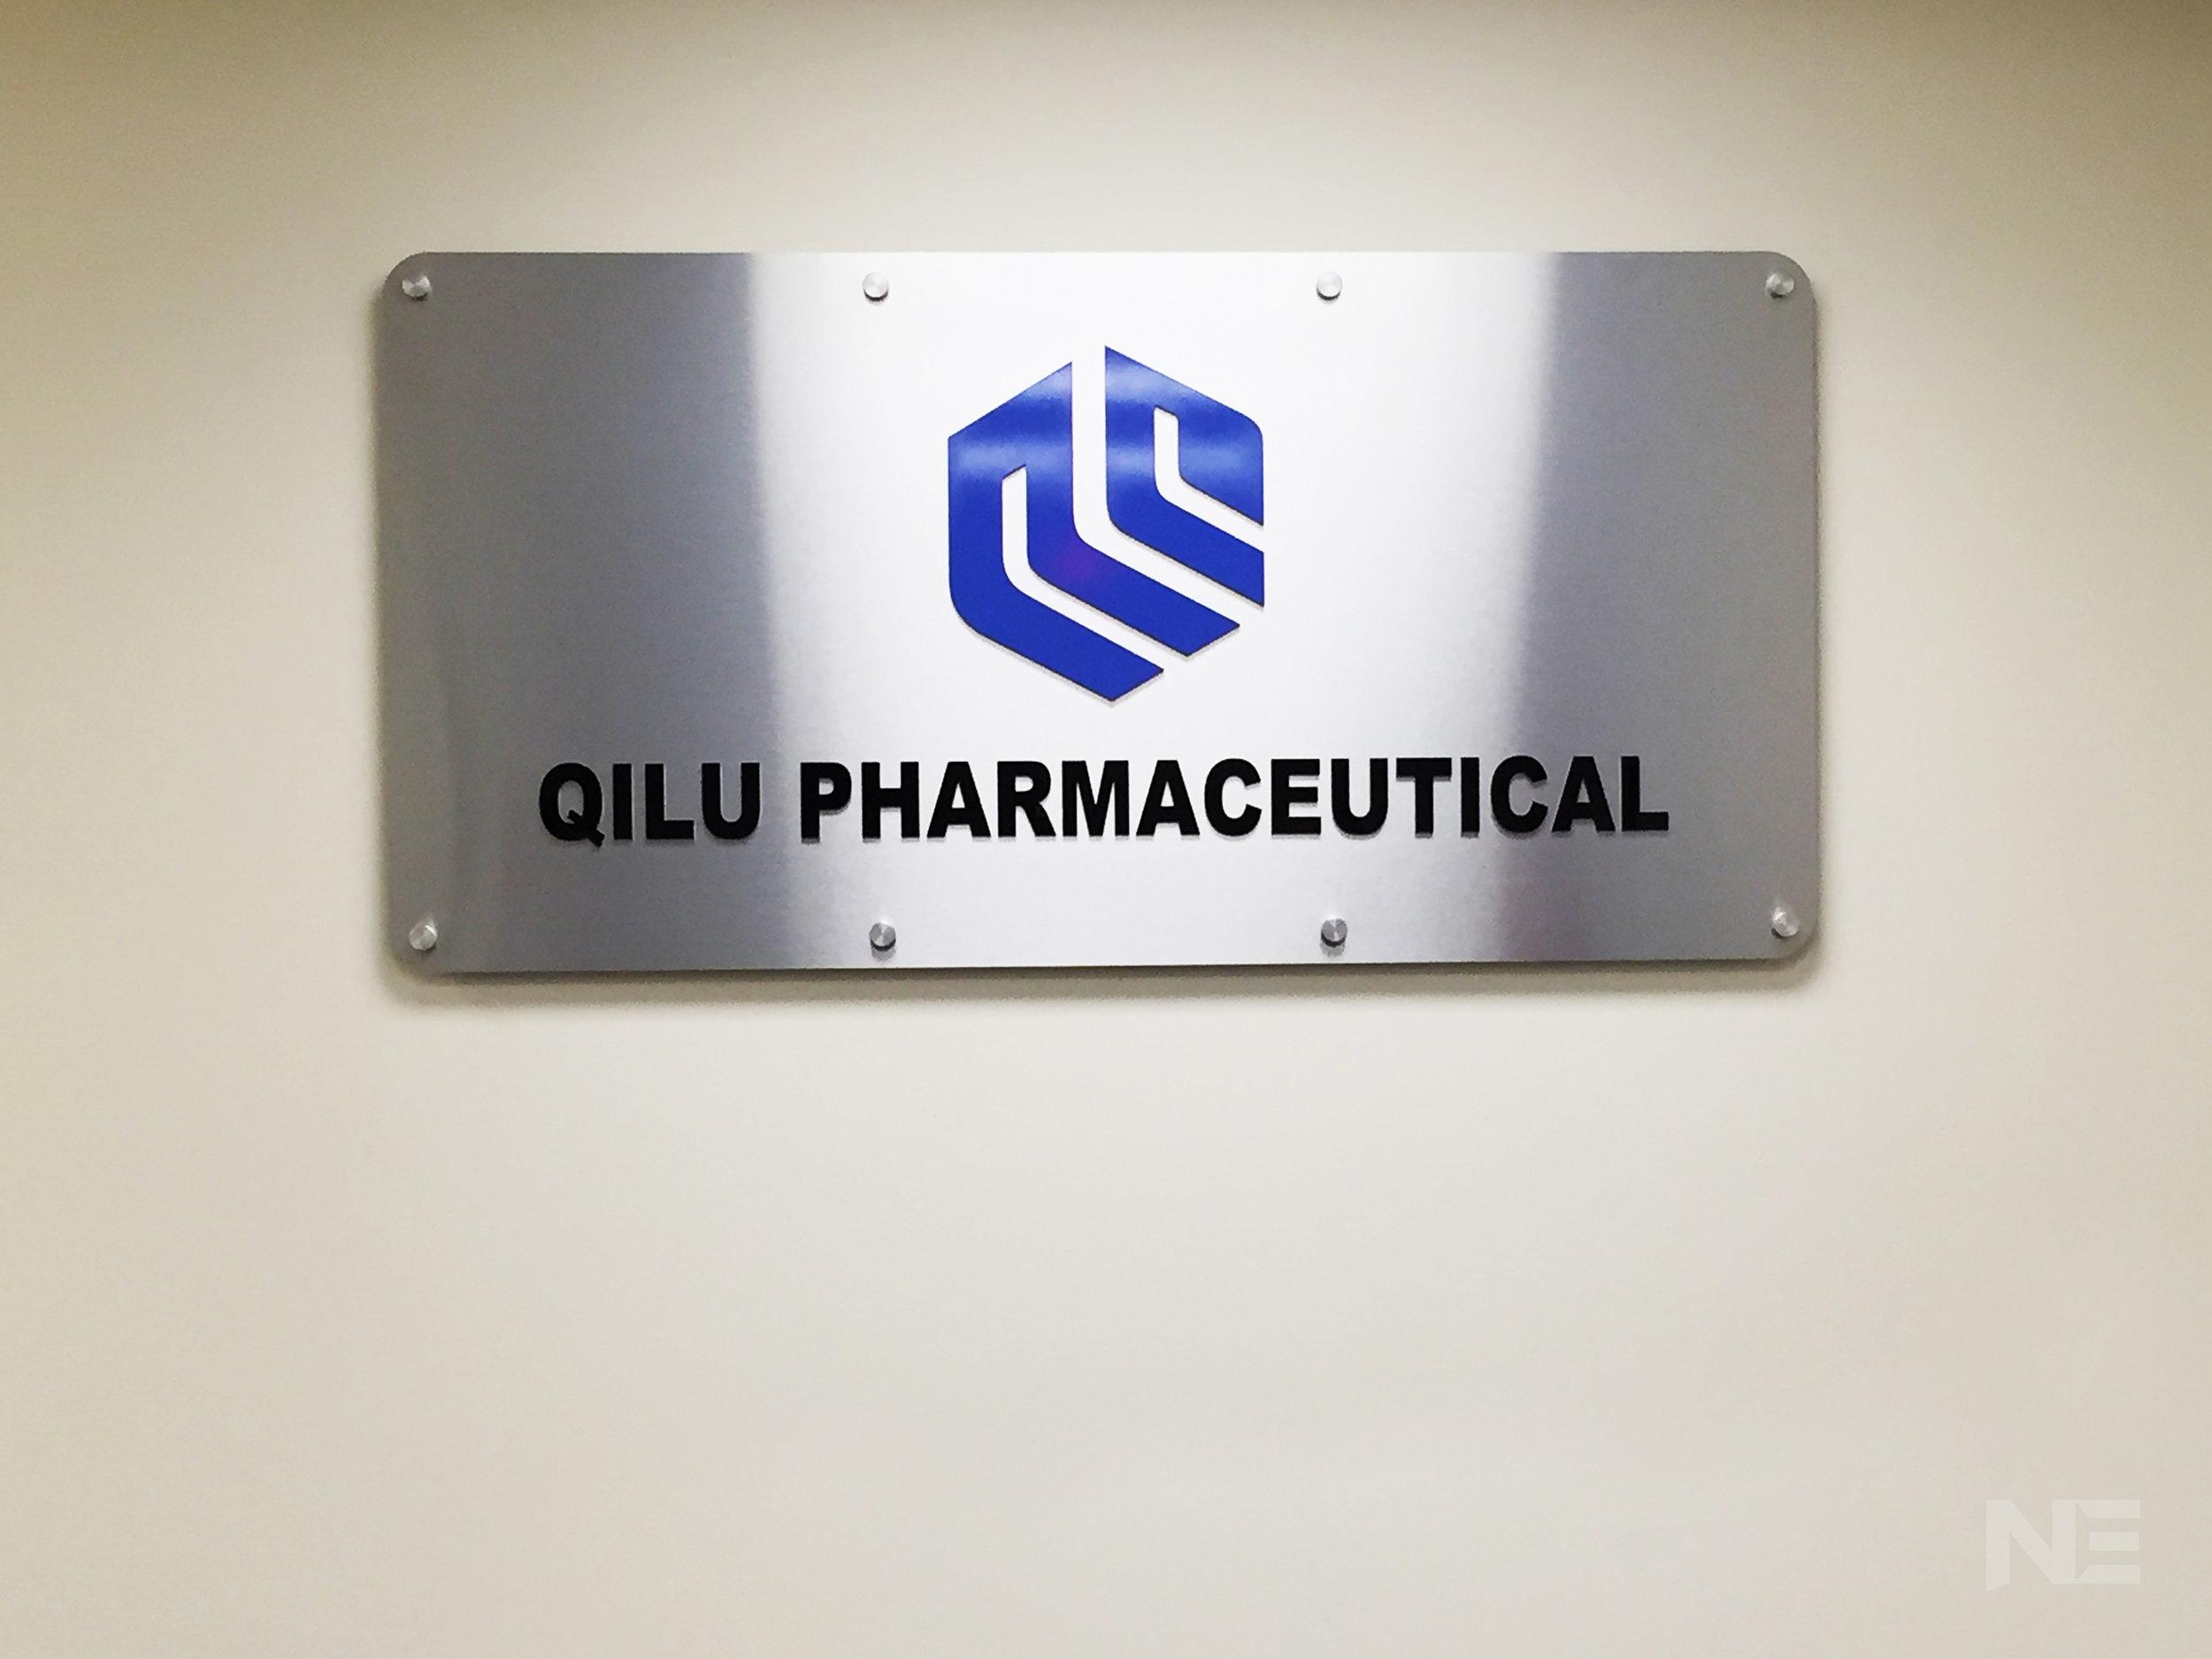 Qilu Pharmaceutical